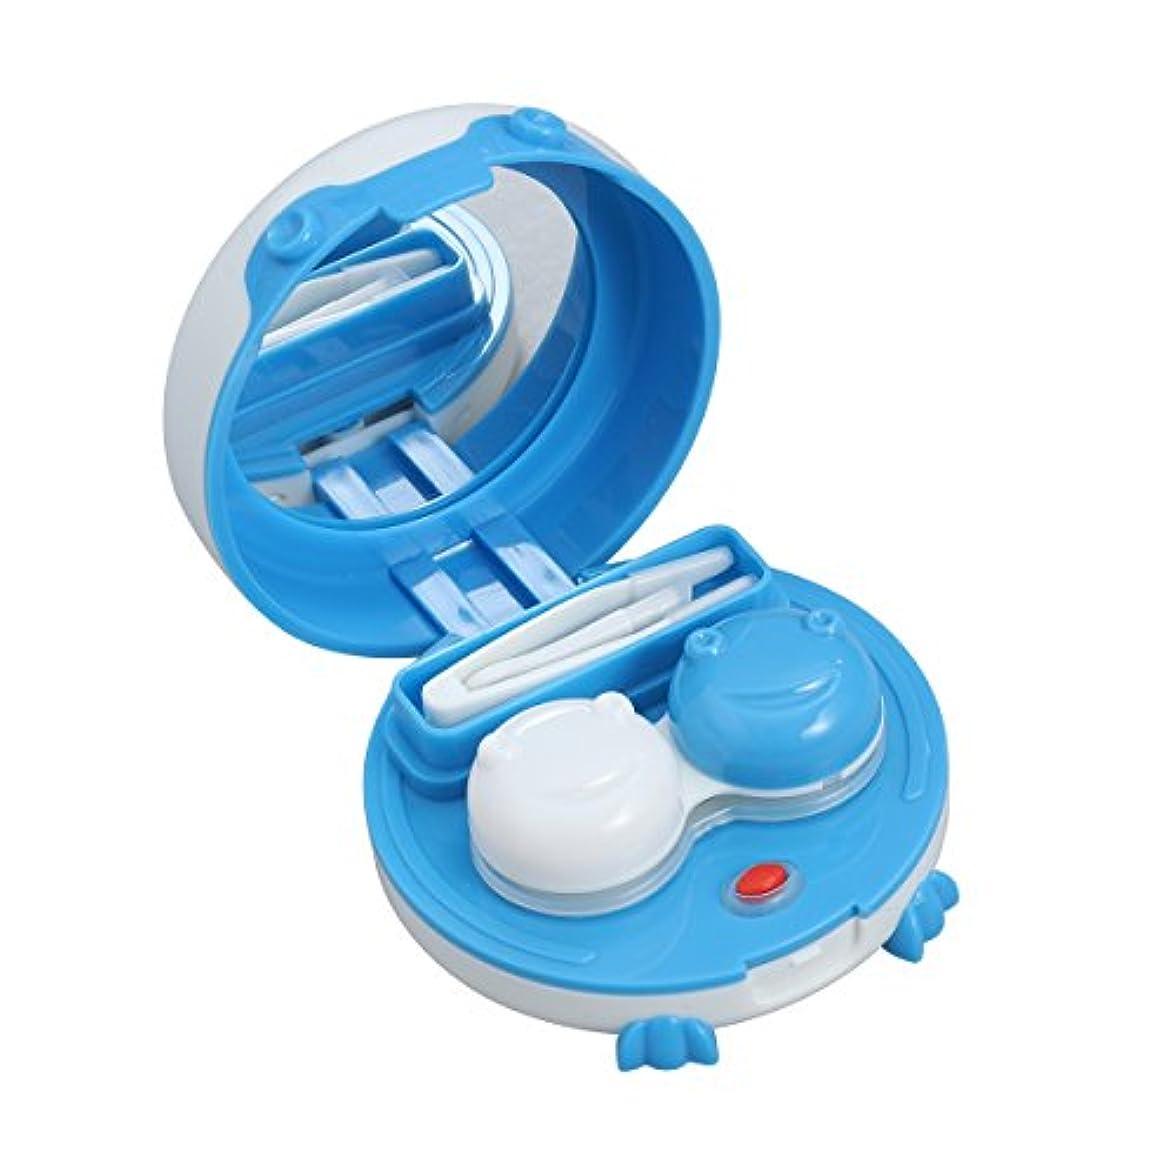 ボア胸ところで家庭用およびトラベル用ミラーピンセットアプリケータおよびソリューションボトルレンズ収納ボックスコンテナ付きコンタクトレンズトラベルケースホルダー